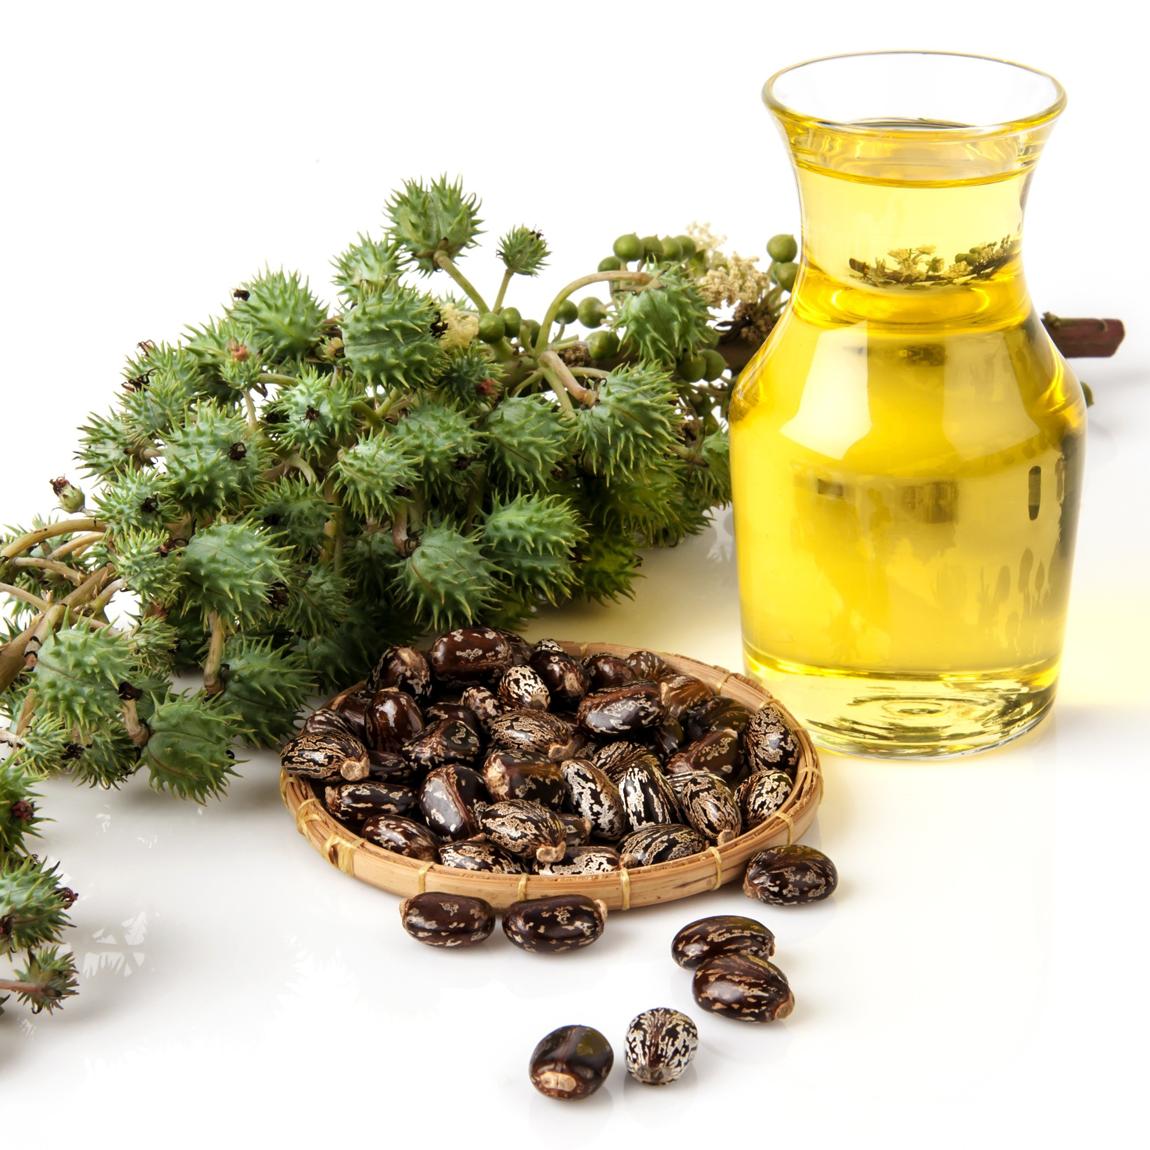 Le proprietà benefiche dell'olio di ricino per pelle e capelli